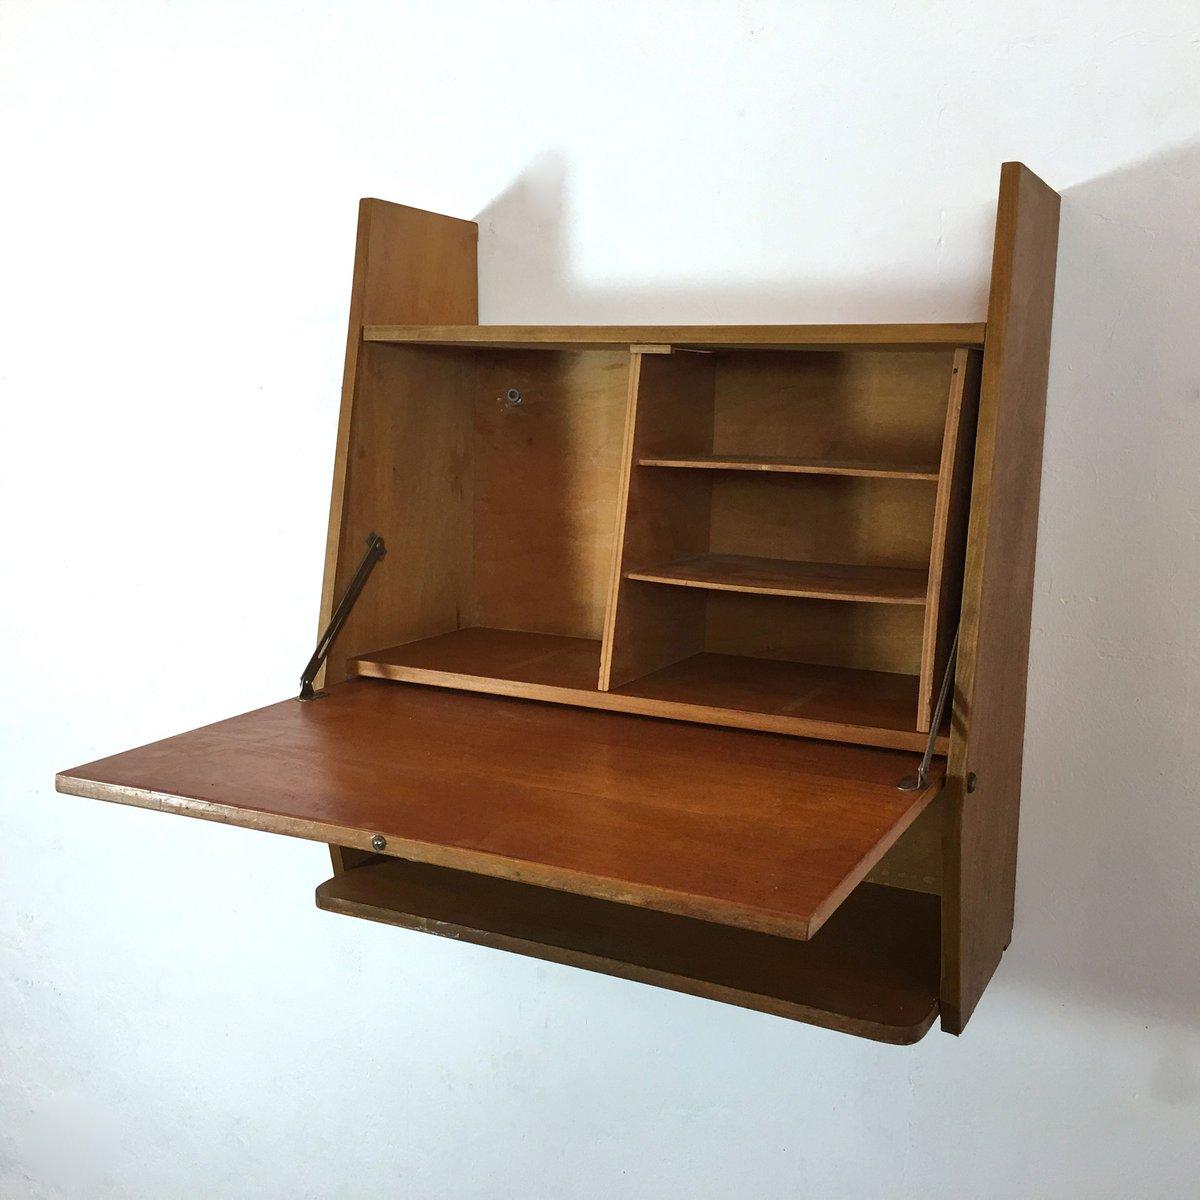 wandmontierter mid century schreibtisch bei pamono kaufen. Black Bedroom Furniture Sets. Home Design Ideas